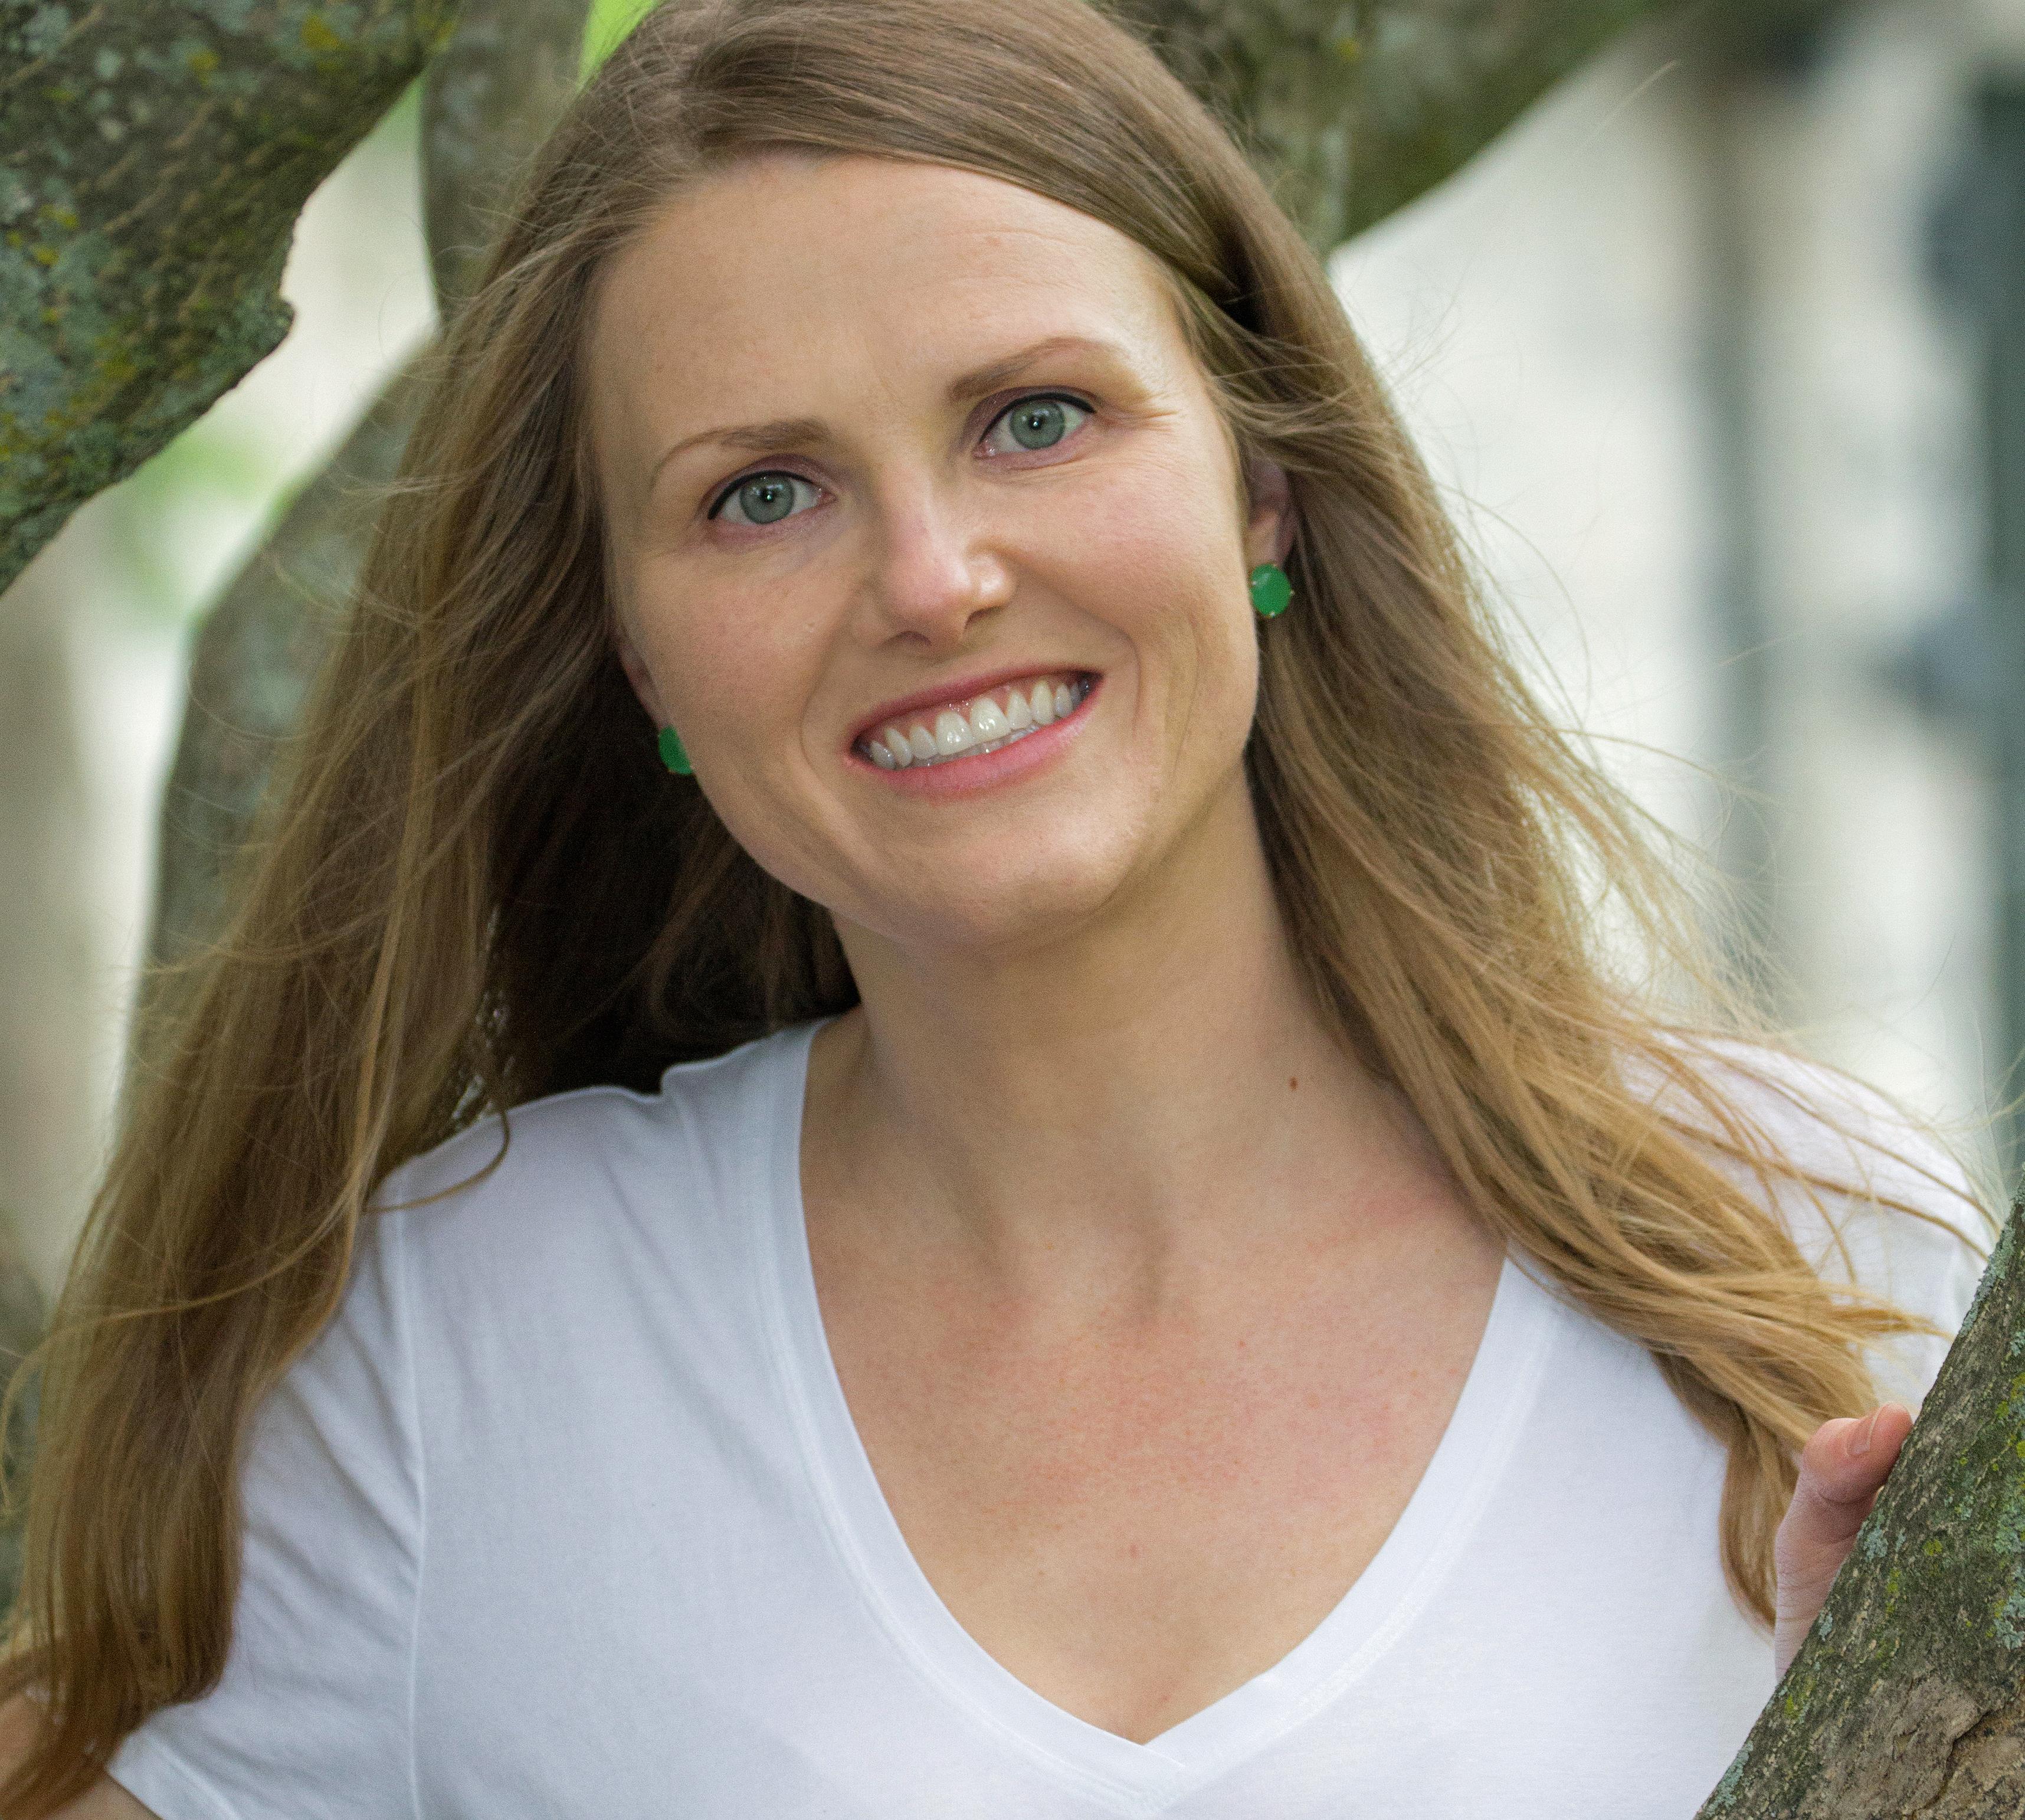 Rebecca Bassett-Gunter, professeure agrégée de kinésiologie et des sciences de la santé à l'Université York, recommande aux culturistes d'essayer d'être ouverts et de discuter de tout problème de santé mentale auquel ils pourraient être confrontés pendant la formation. (Présenté par Rebecca Bassett-Gunter)